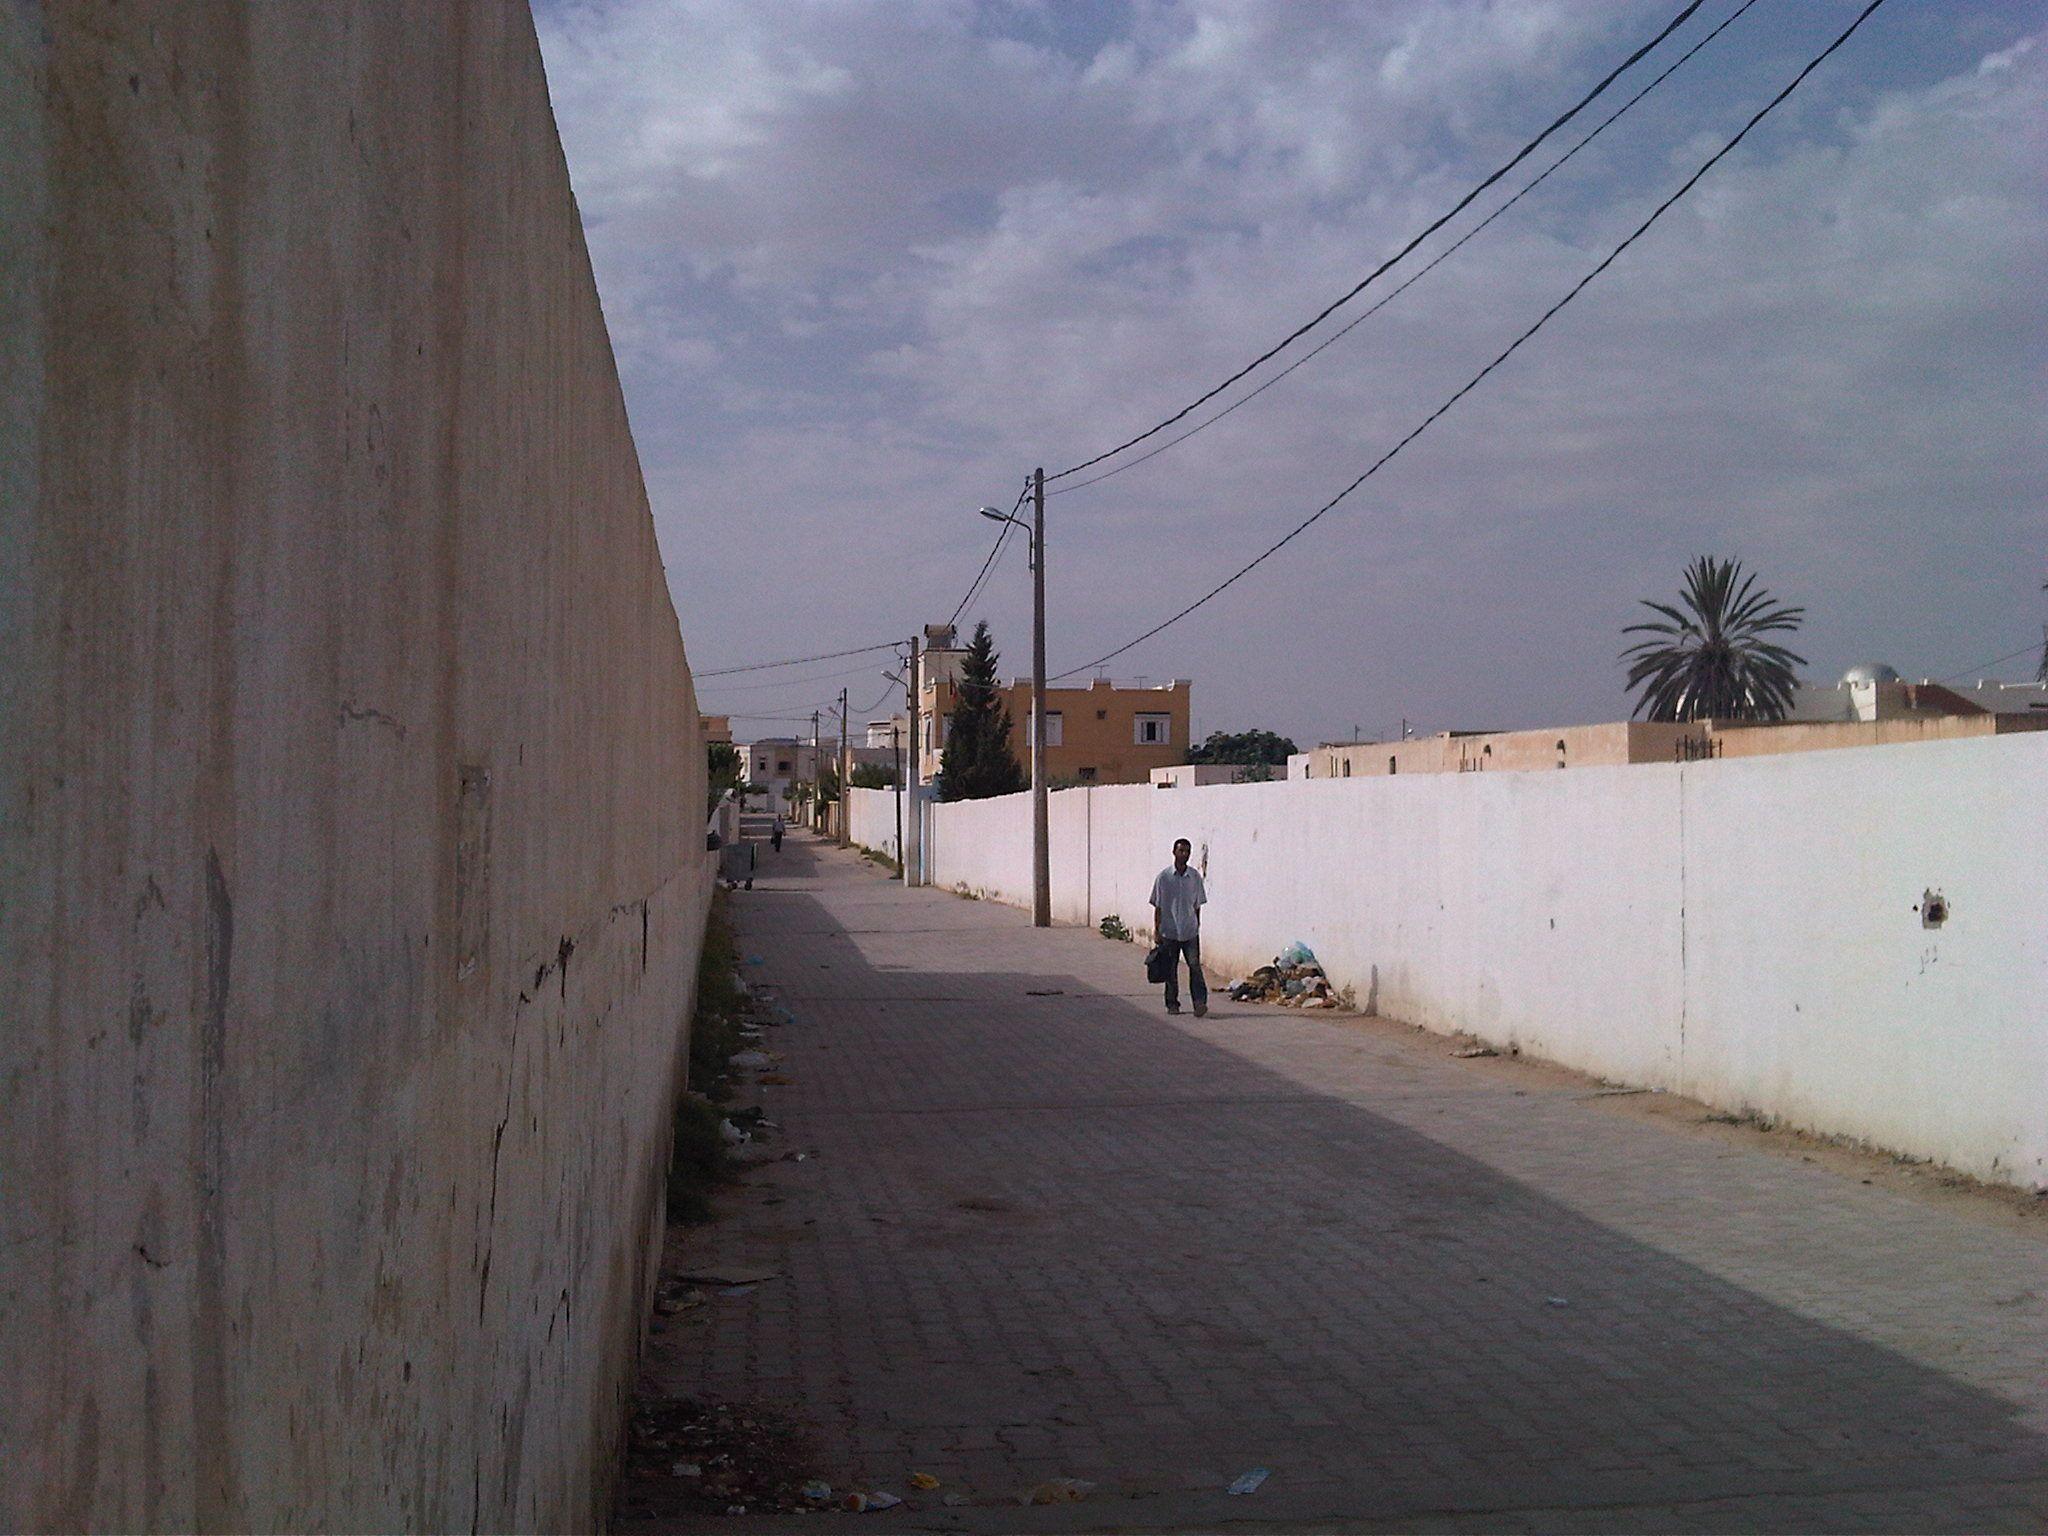 #tunisia Solo un piccolo parcheggio dall'altra parte della strada. Poiché gli abitanti della città per lo più non si possono permettere l'auto, è quasi sempre vuoto anche se si trova di fronte agli uffici del governatore. La posta è il primo palazzo a sinistra, nella moschea principale si entra cinquanta metri più a destra.  Bouazizi si è bruciato qui.